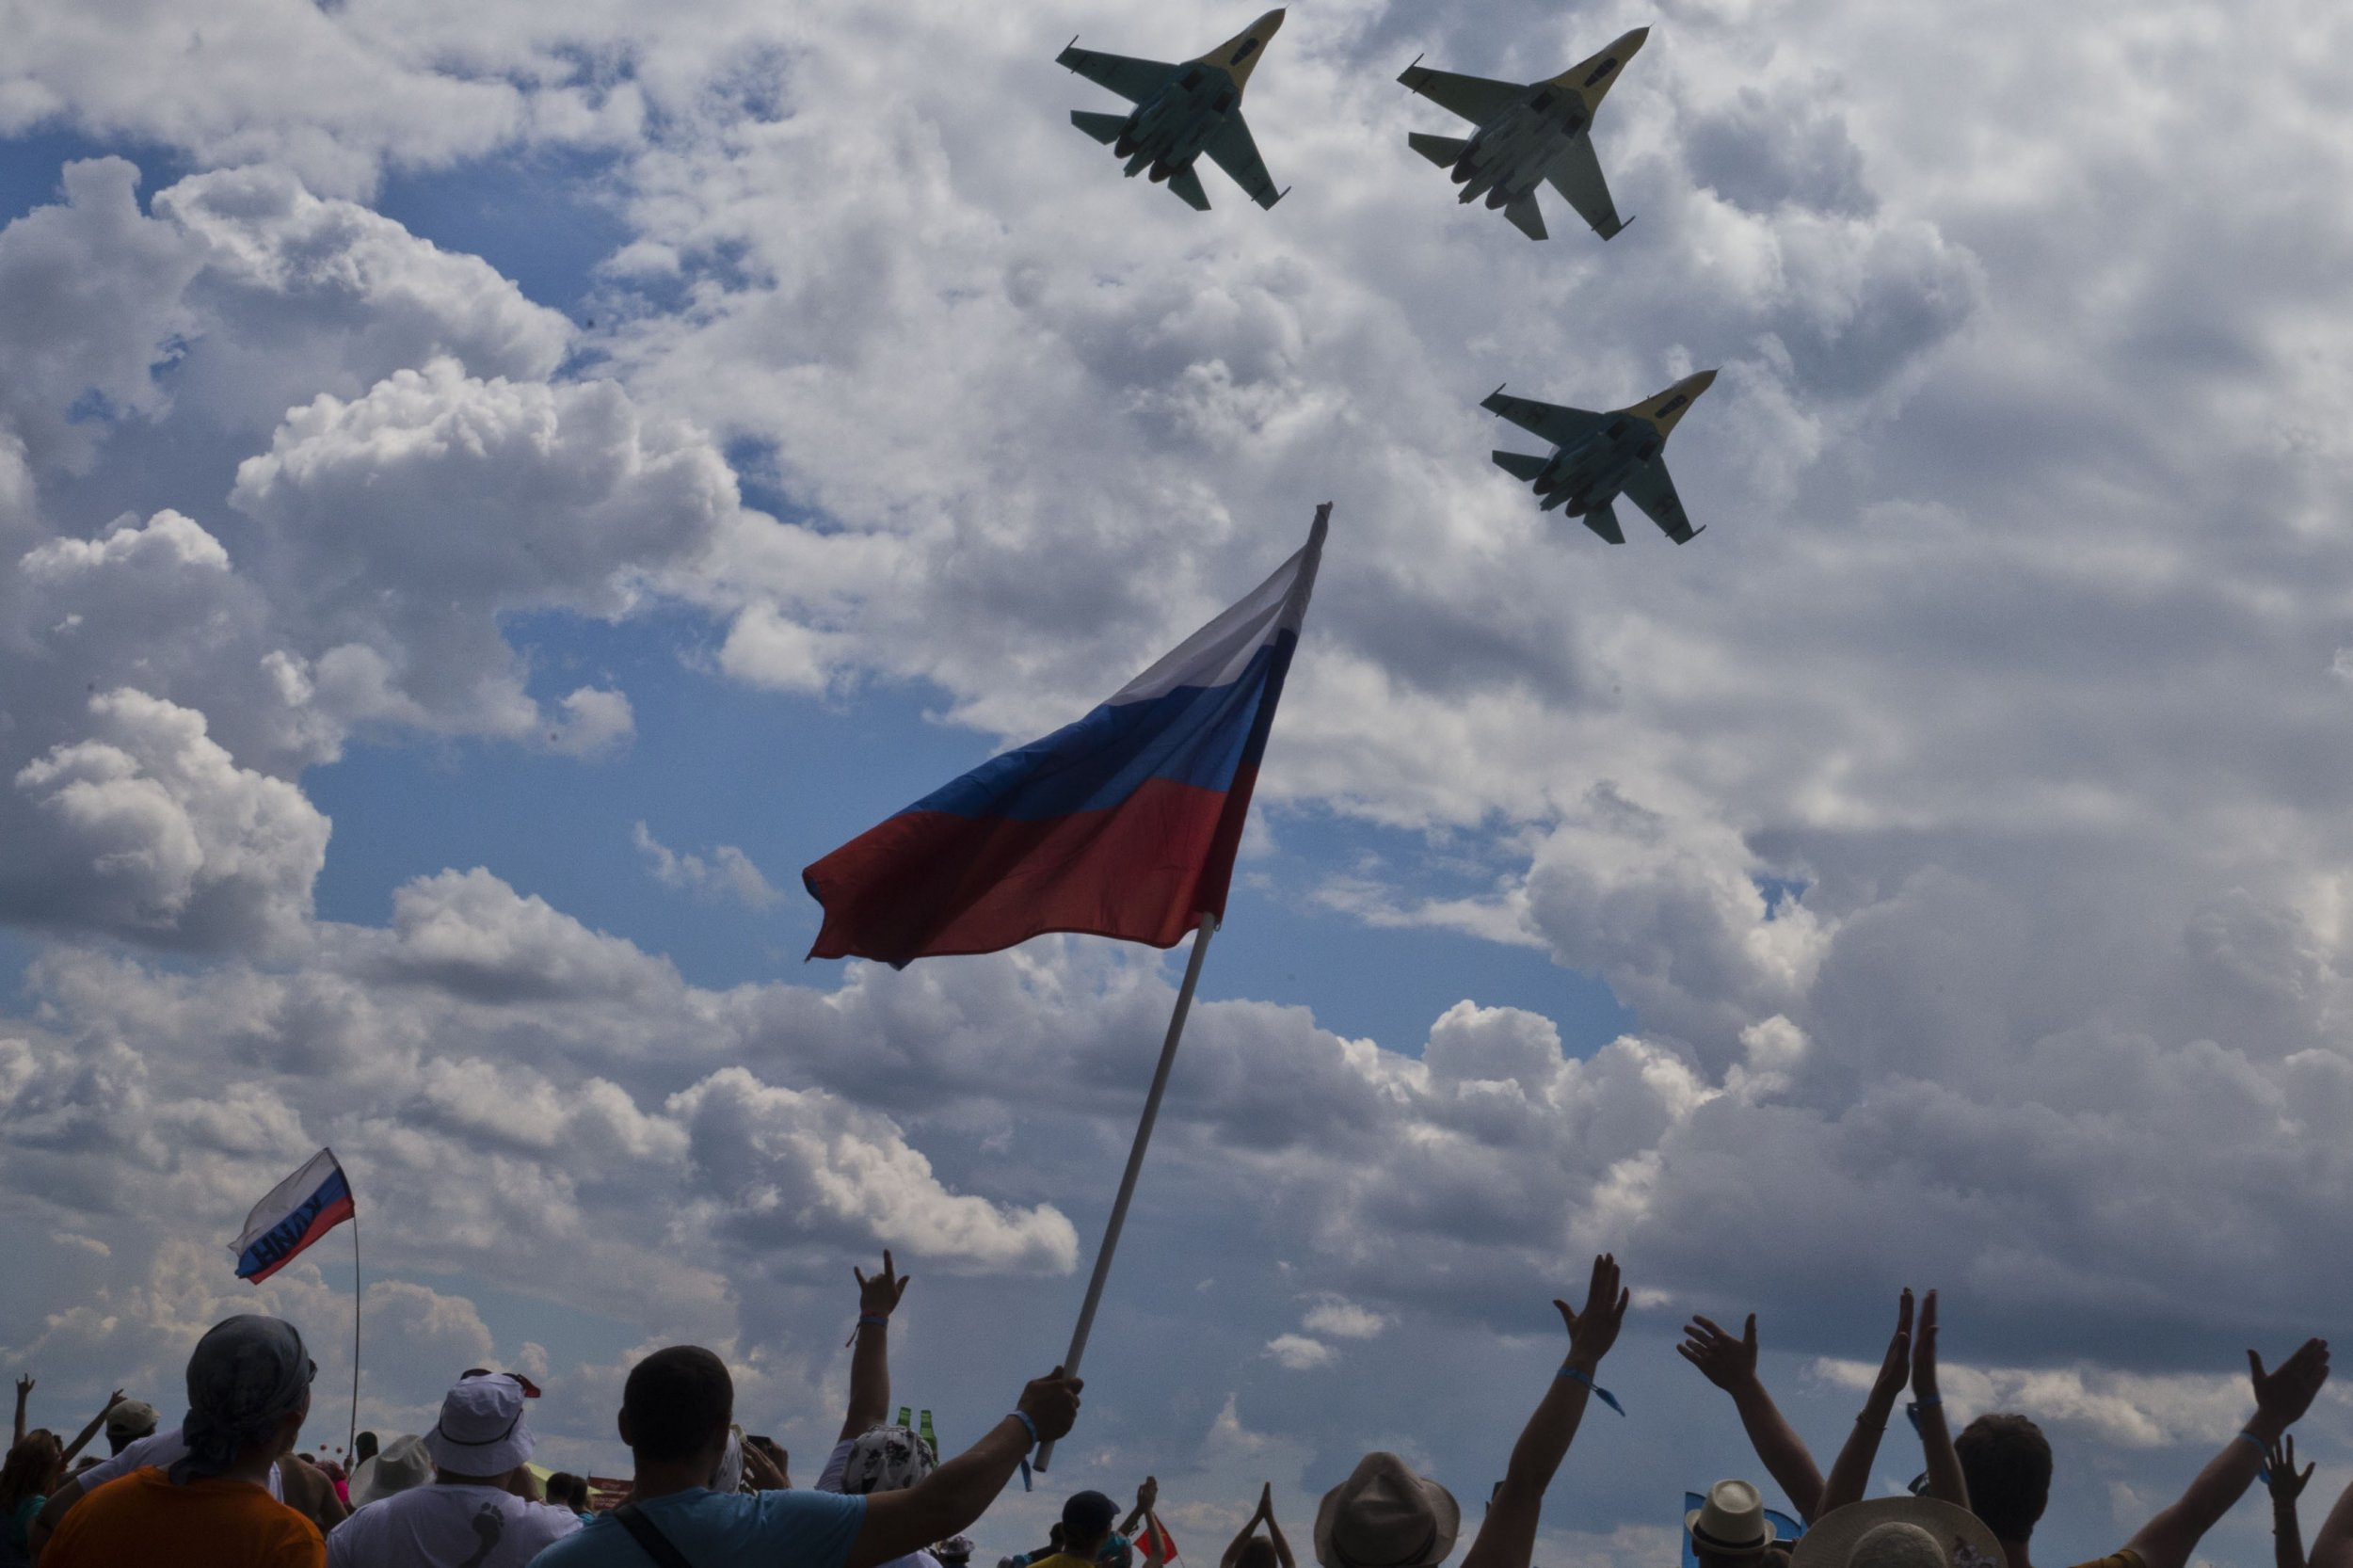 Nashestvie festival in Russia